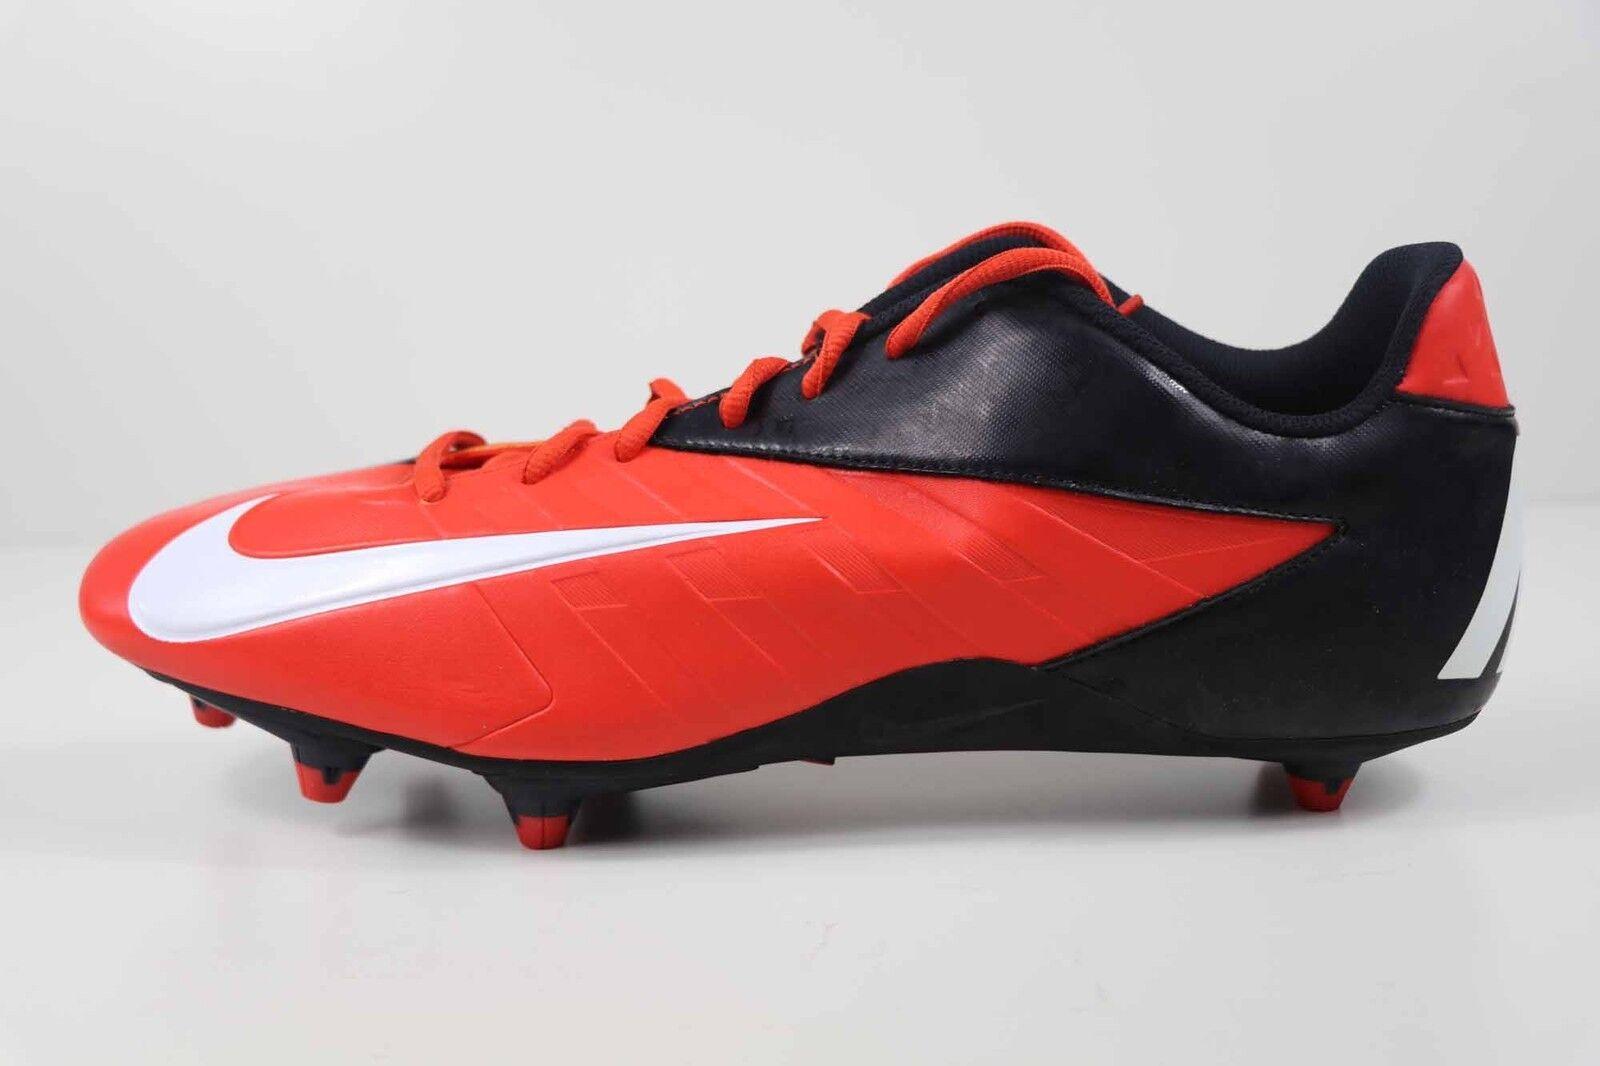 Nike Vapor Strike Low 3 D Black Orange White 511336 810 New Comfortable  best-selling model of the brand